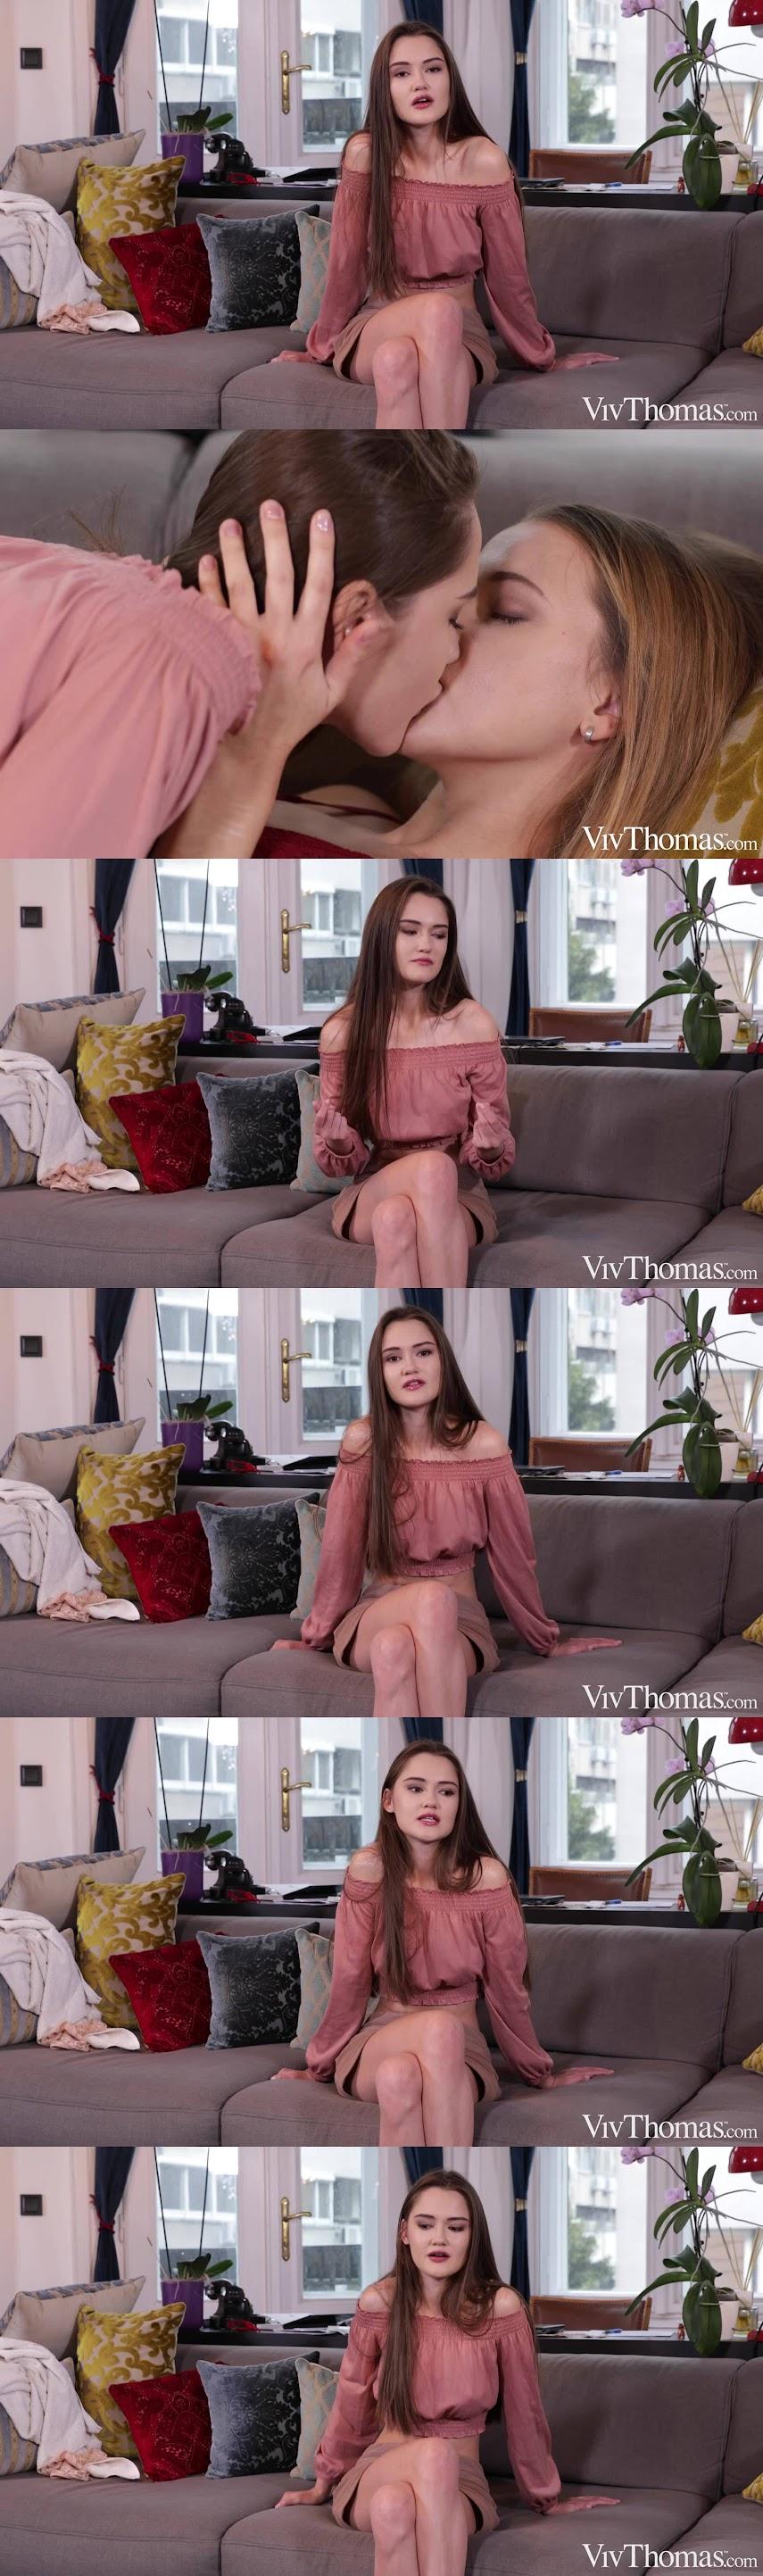 [VivThomas] Behind The Scenes: Sonya Blaze On Location - Girlsdelta